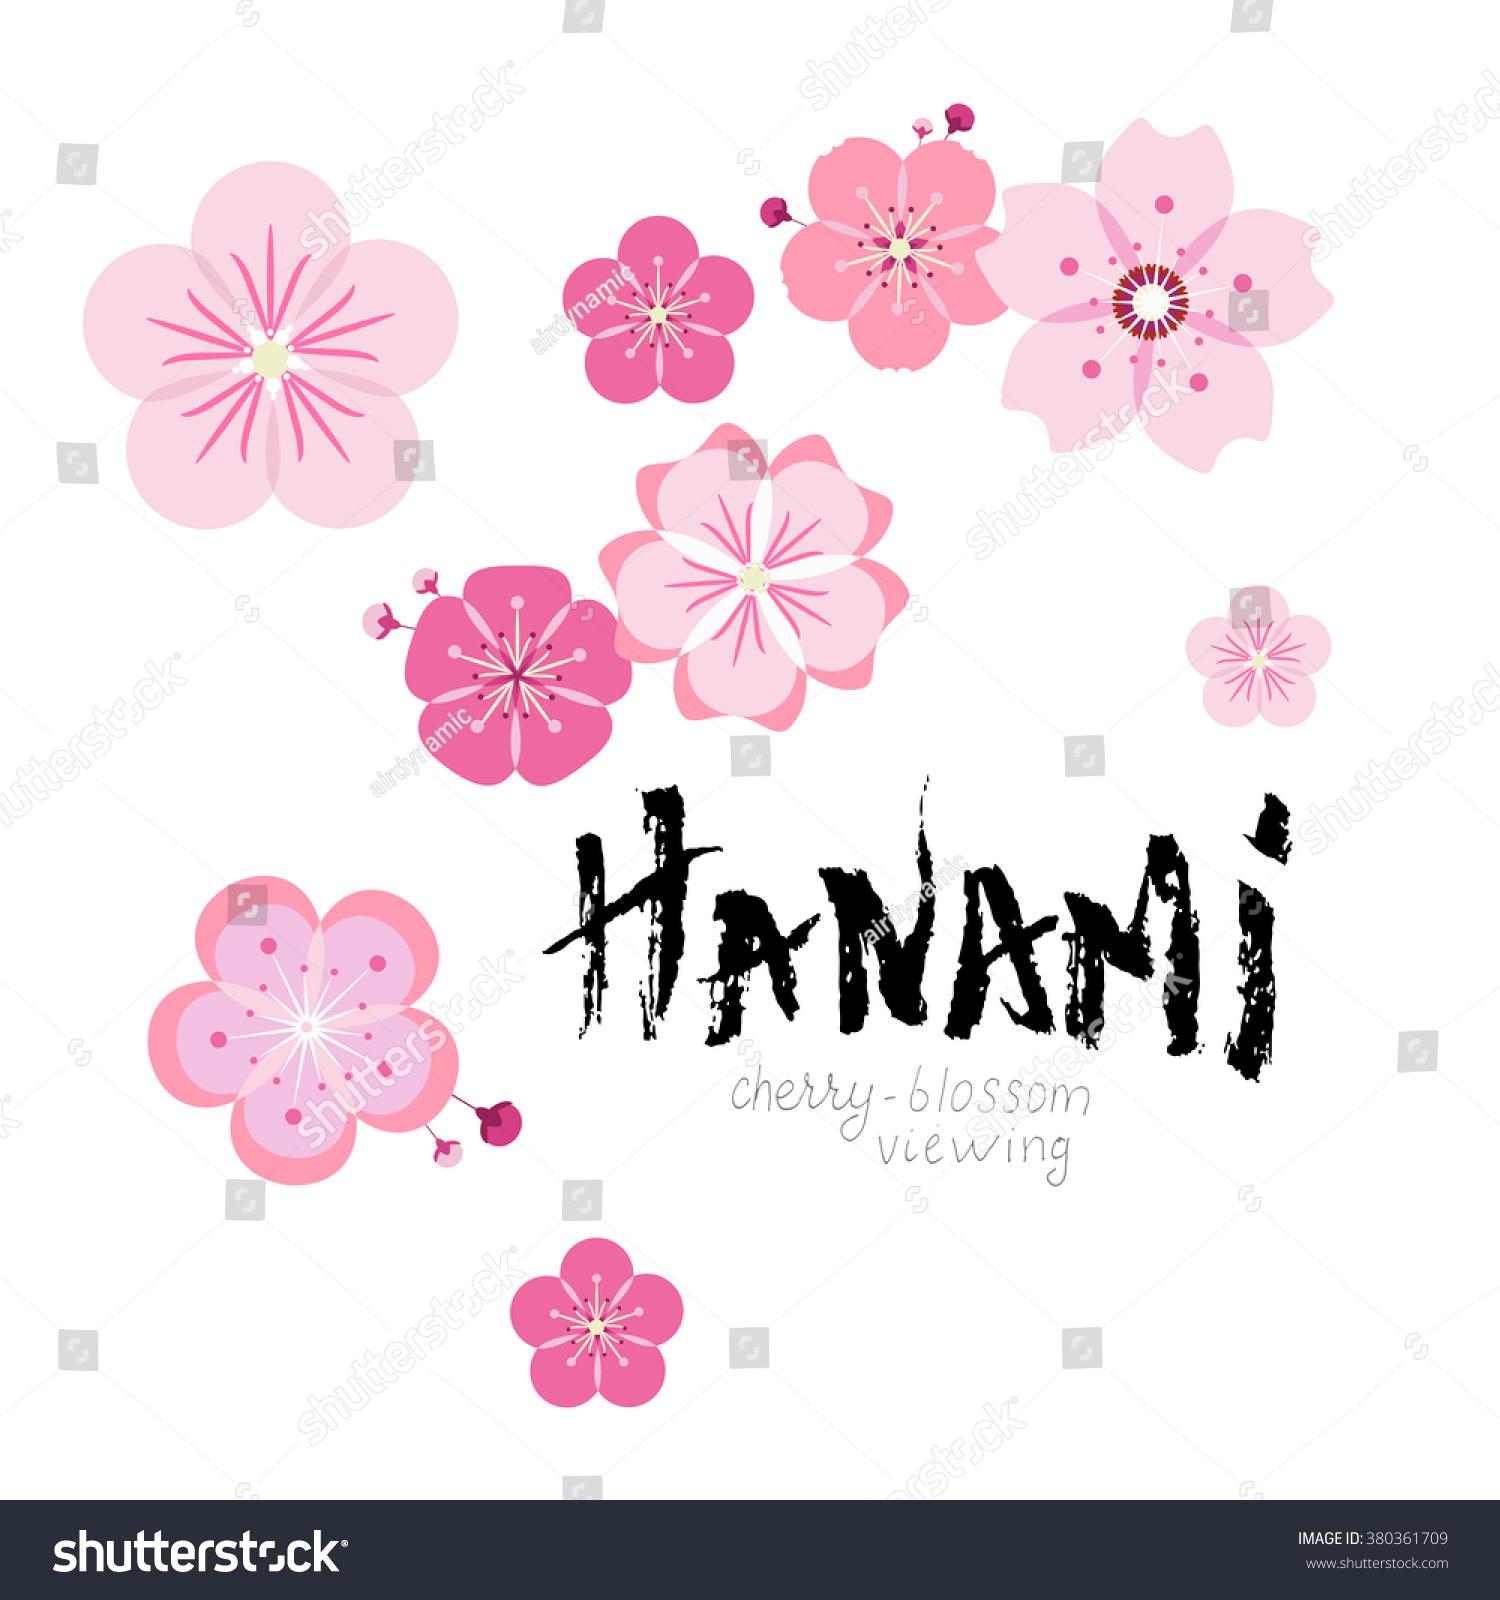 Image Gallery hanami vector